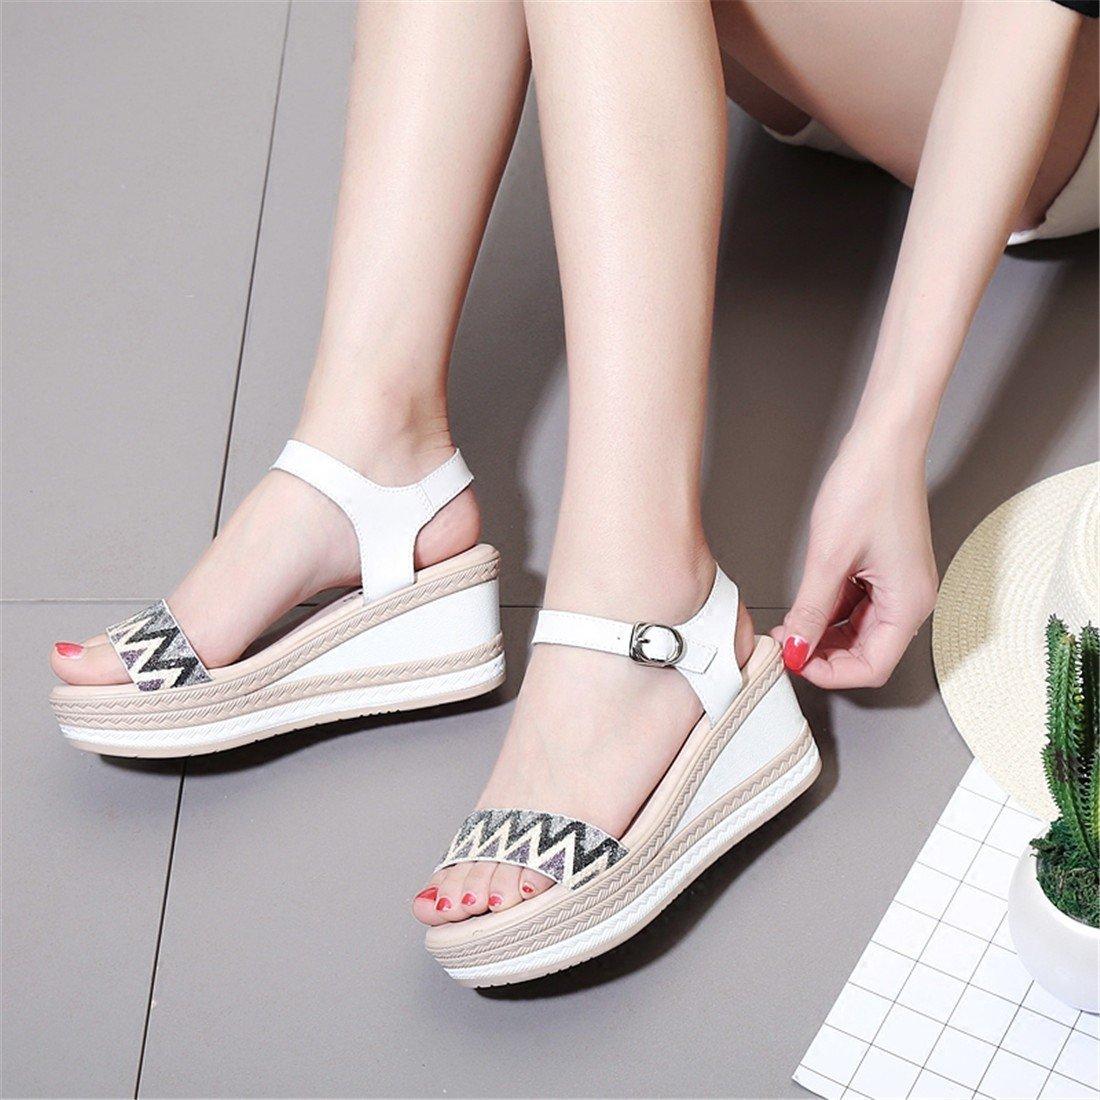 WXMDDN Sommer Fashion damen es Slope Slope Slope und Sandalen Wasserdichte Plateauschuhe Flache Boden mit Einem Dicken Boden Schuhe B07D7VPF3F Tanzschuhe Verrückter Preis 638b4d